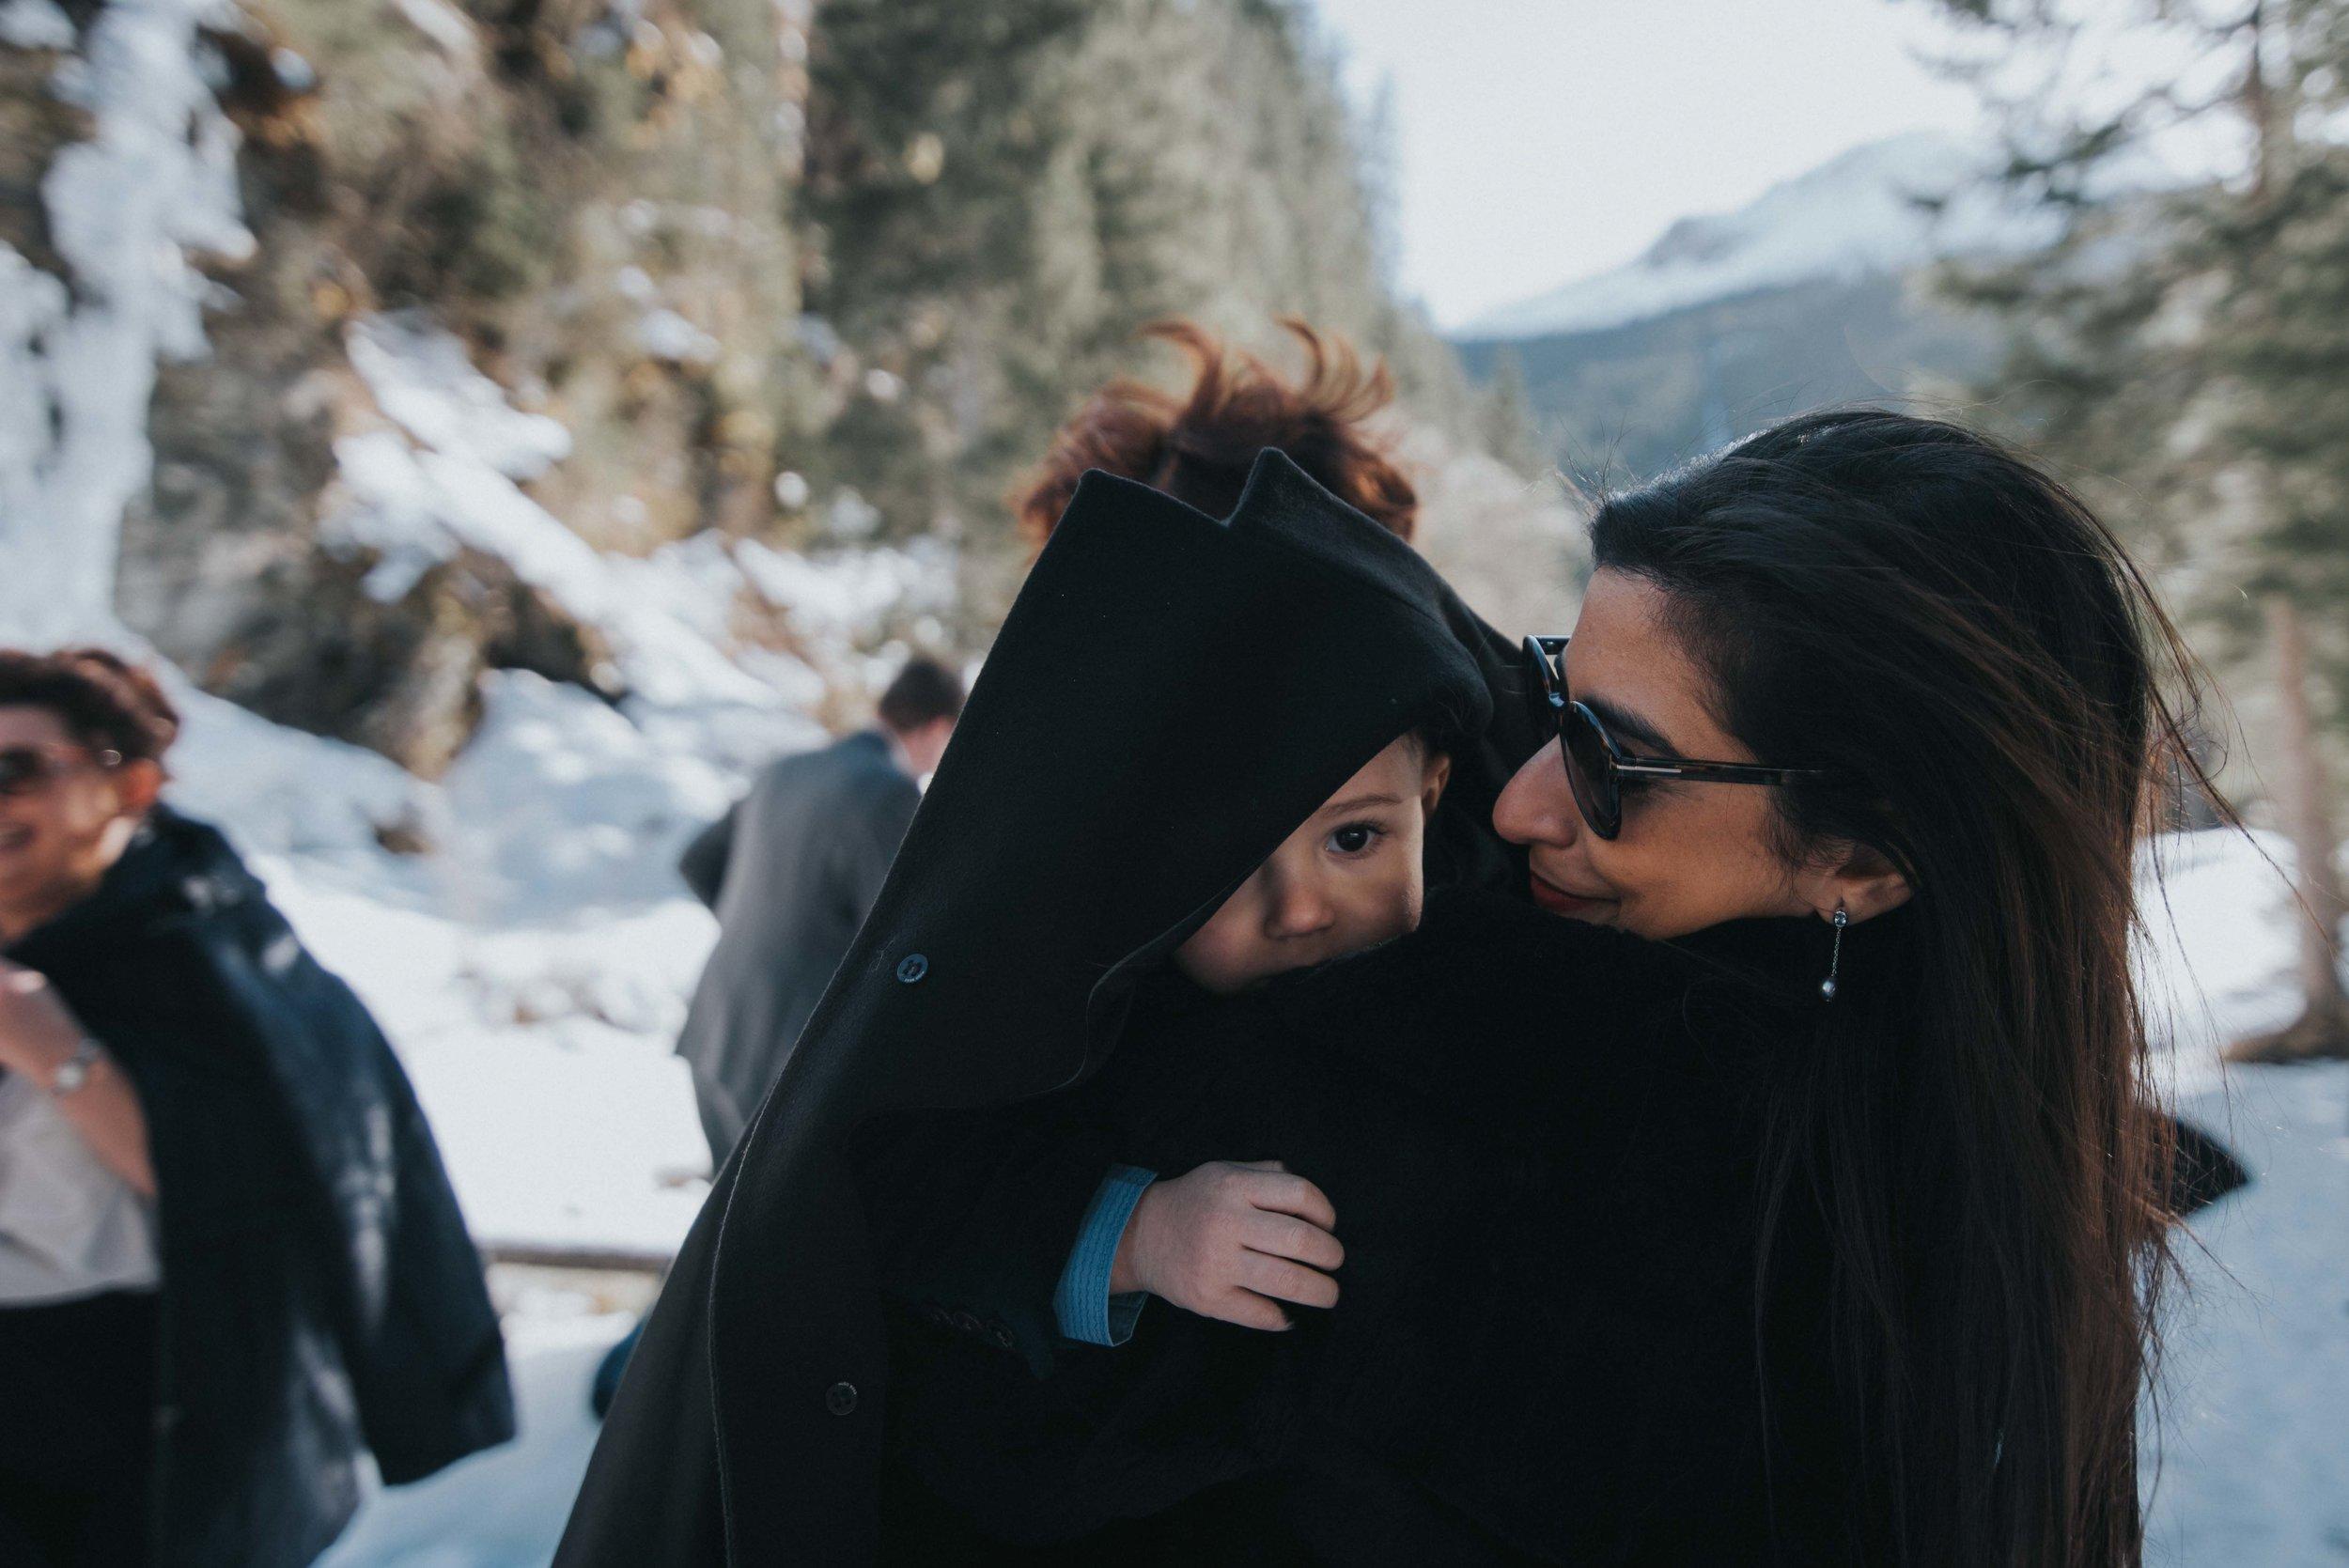 Léa-Fery-photographe-professionnel-lyon-rhone-alpes-portrait-mariage-couple-amour-lovesession-engagement-elopment-2529.jpg